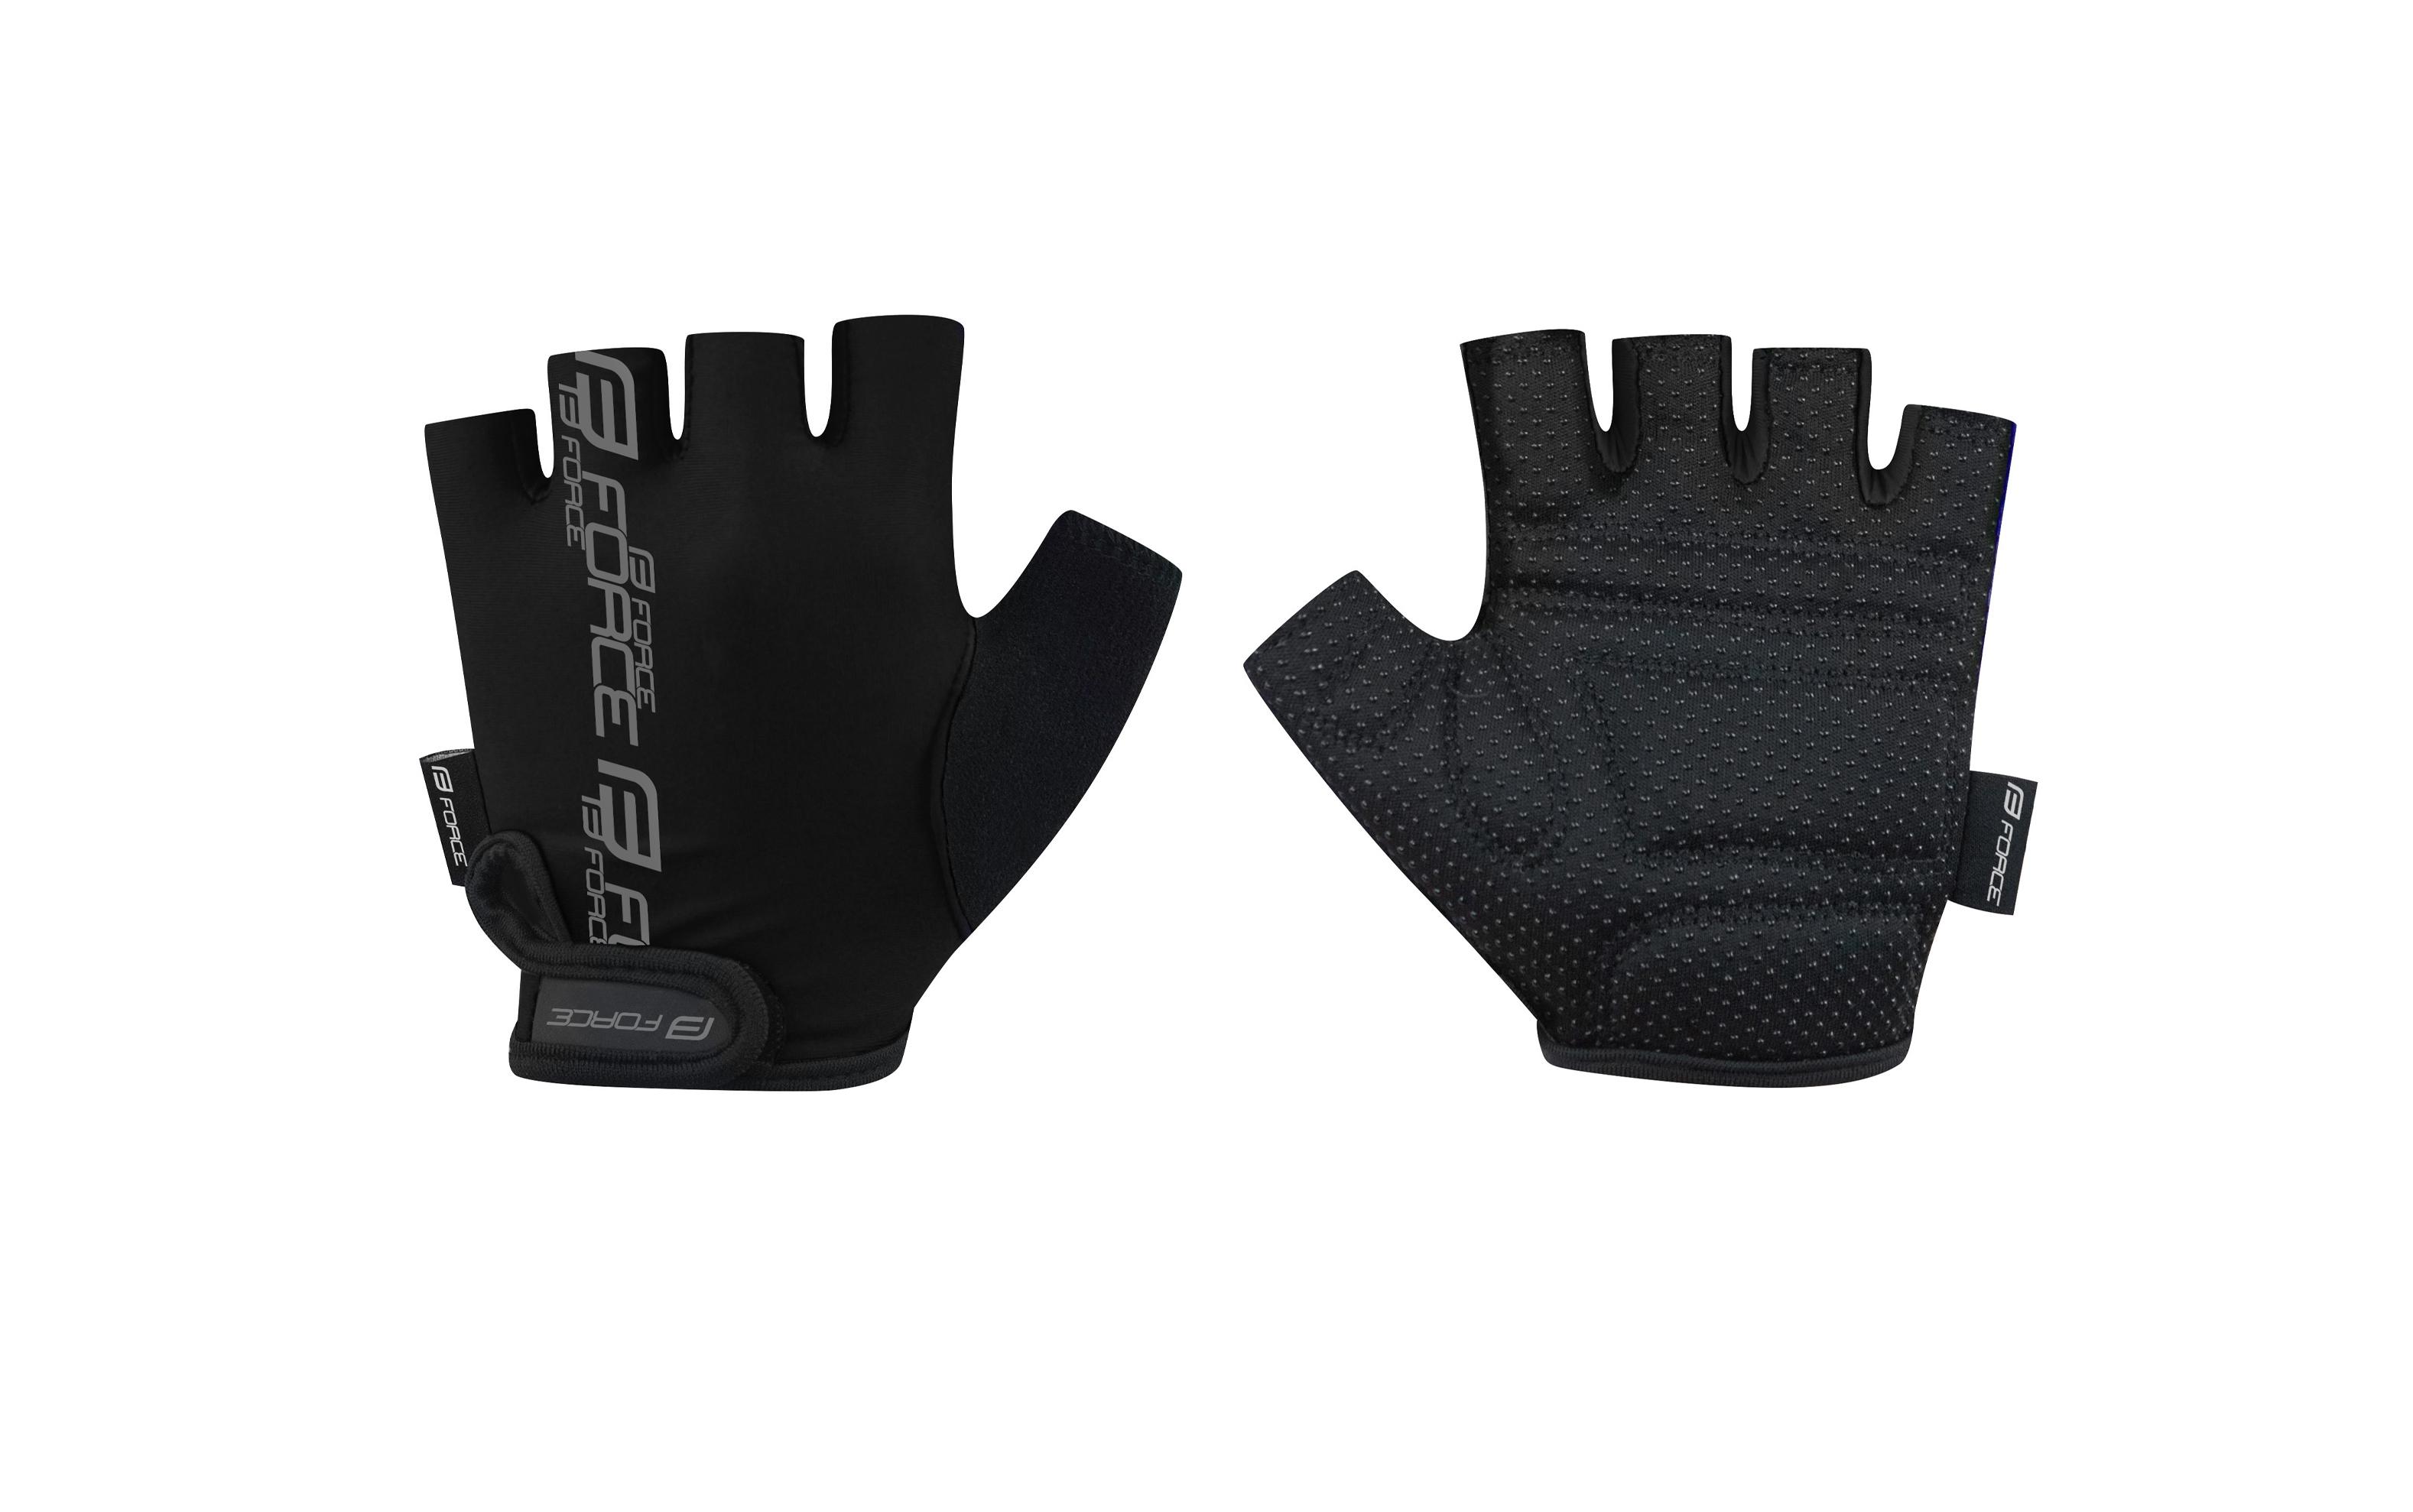 rukavice FORCE KID dětské dětské, černé M